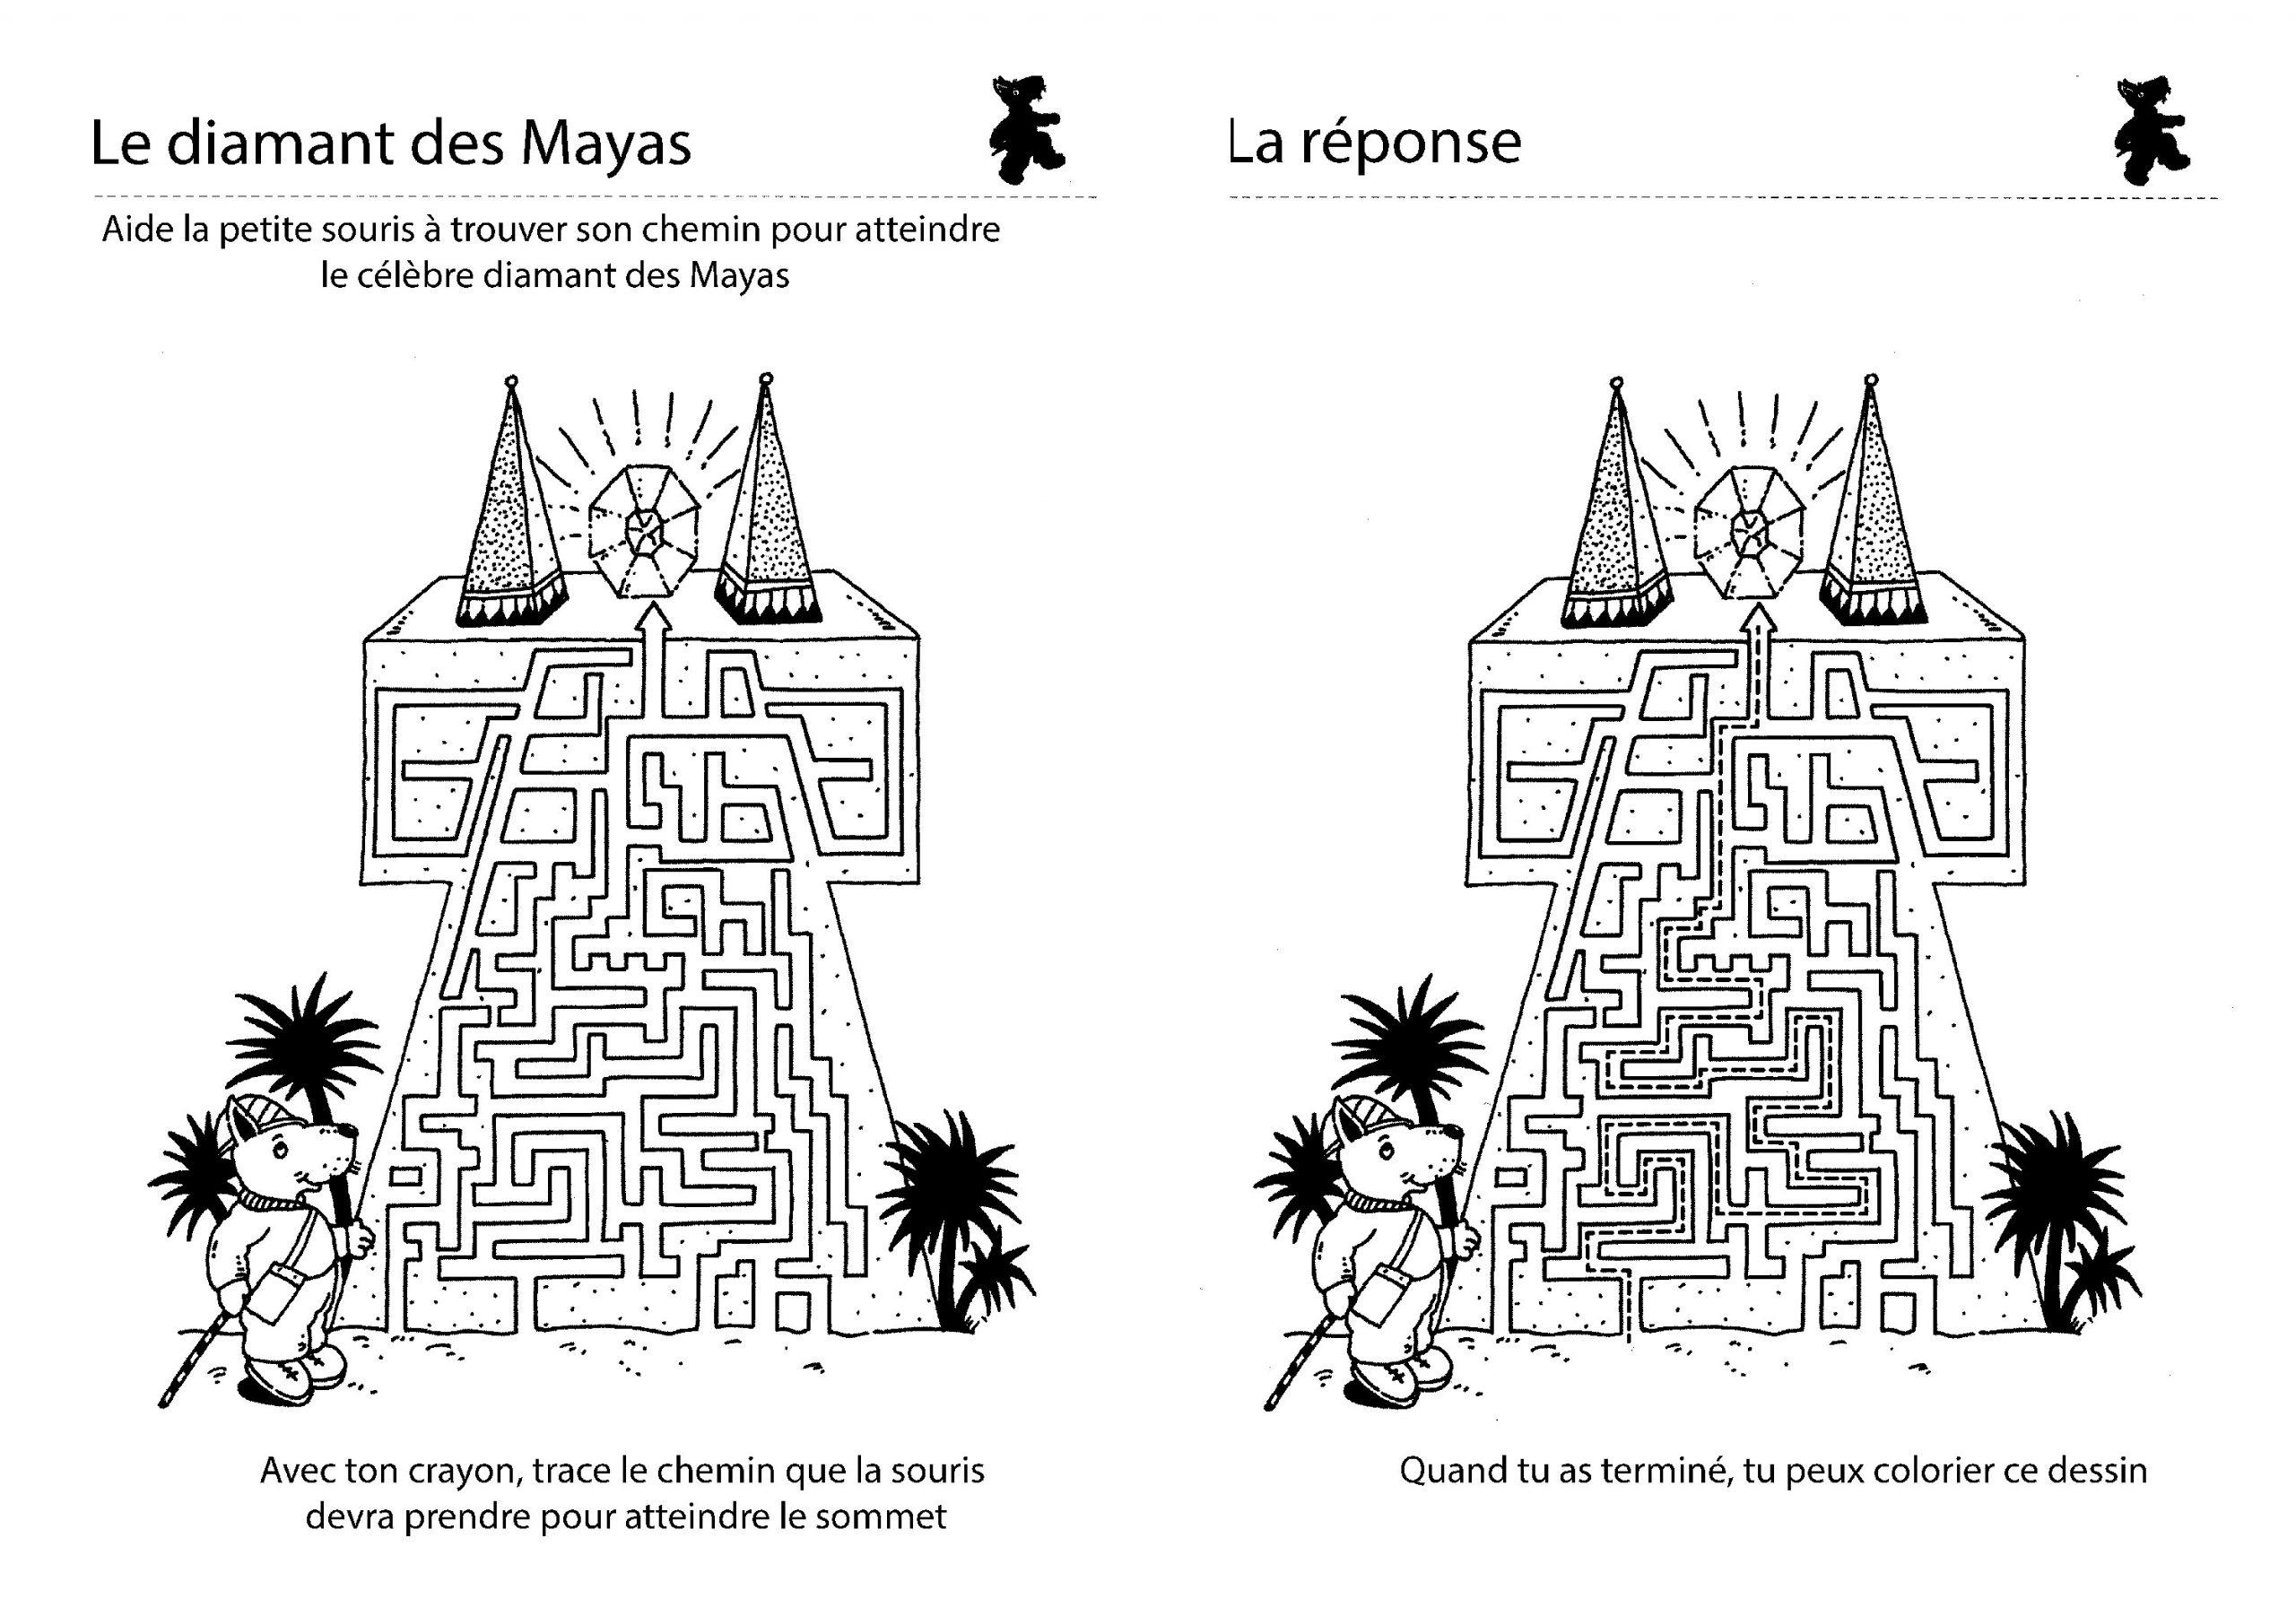 Jeu De Labyrinthe : Le Diamant Des Mayas destiné Labyrinthe A Imprimer